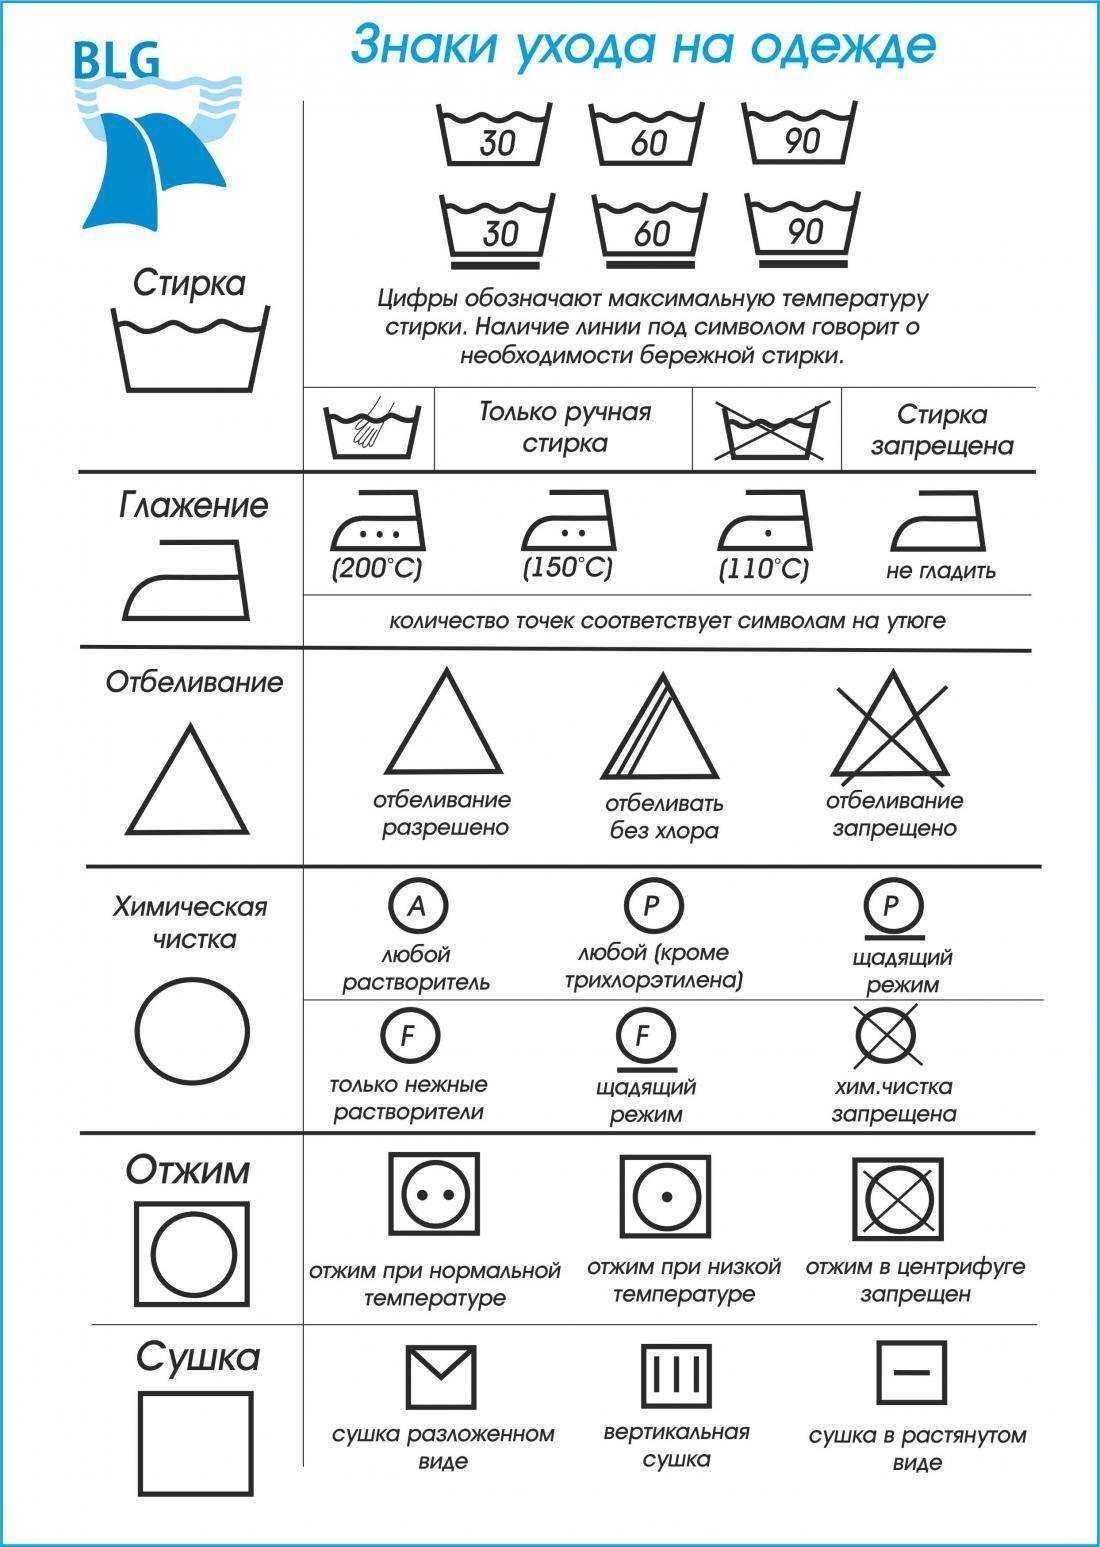 Уход за верхней одеждой – общие правила ухода, а также полезные рекомендации по чистке курток, пуховиков, пальто, шуб и дубленок